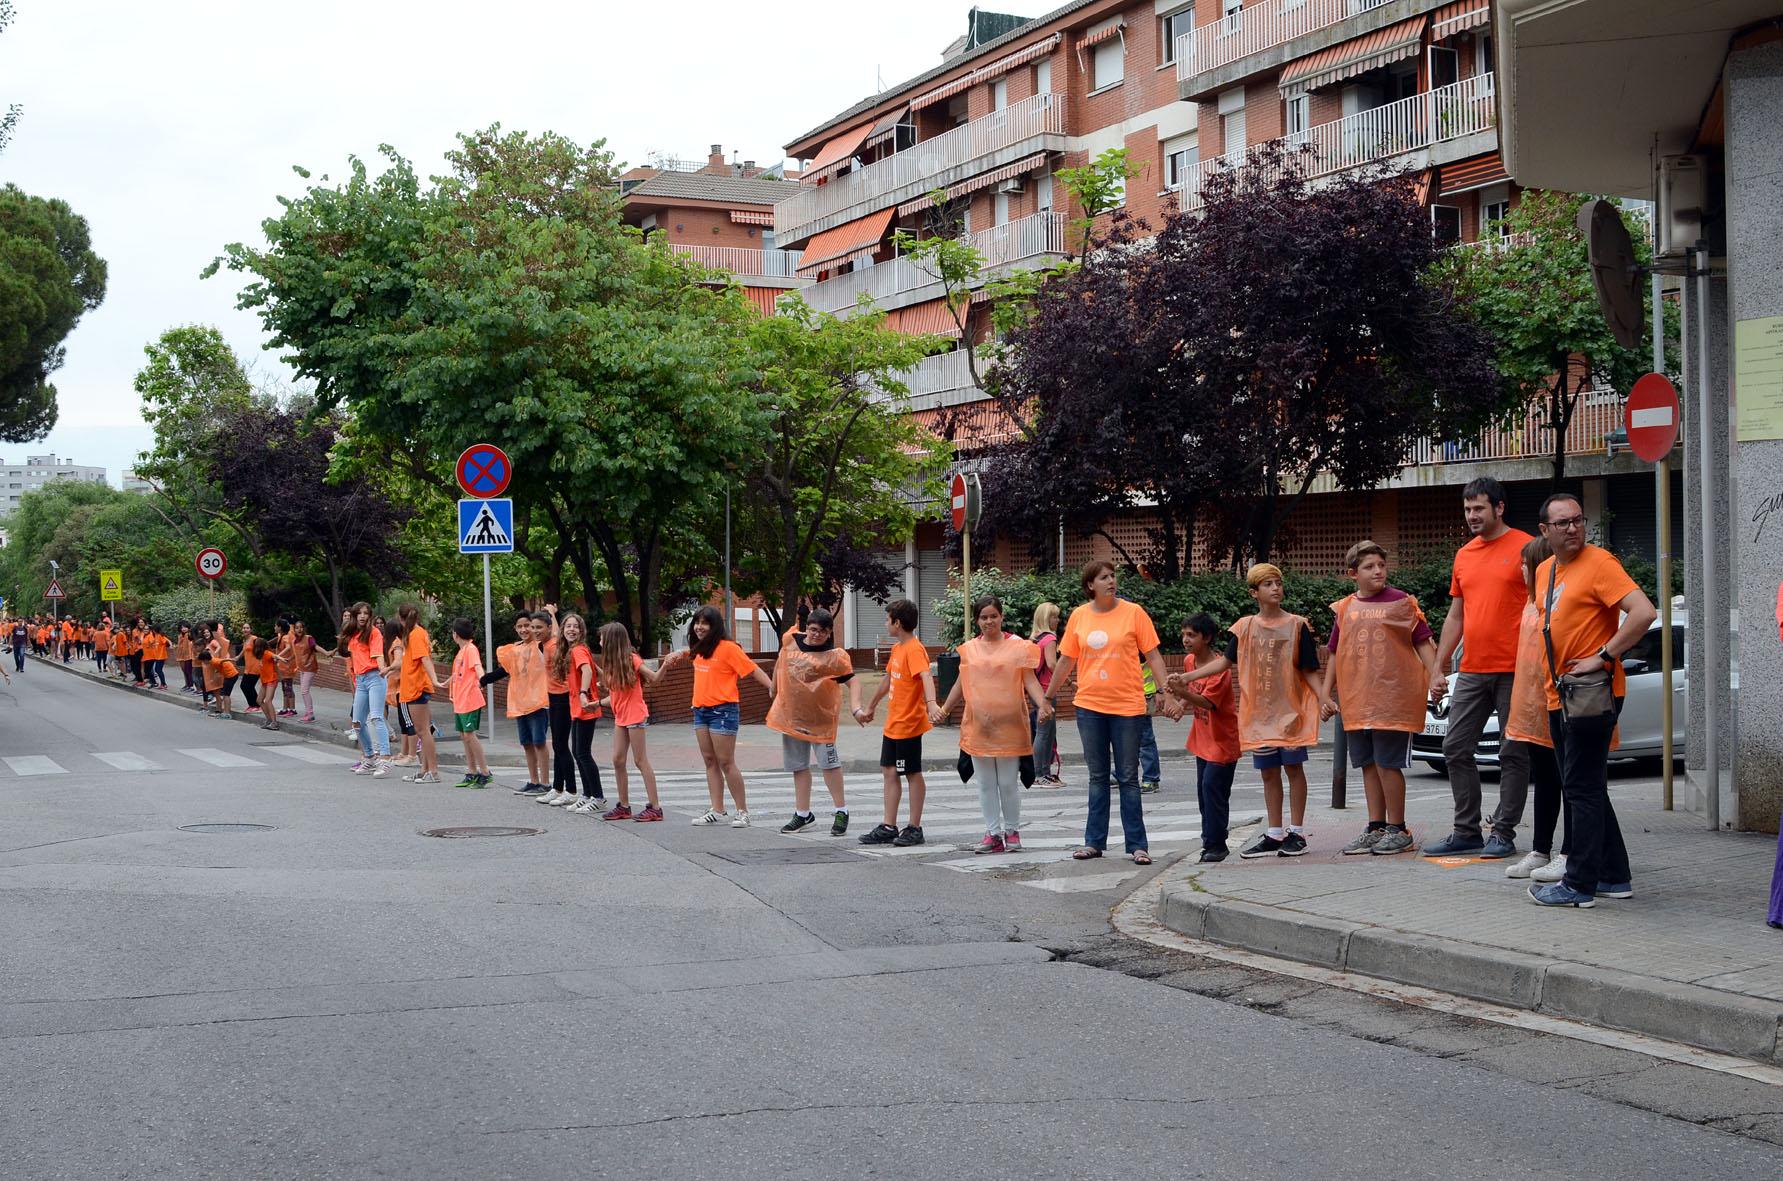 L'alcalde, Carles Escolà, junt amb les regidores Elvi Vila i Contxi Haro, va participar a la via